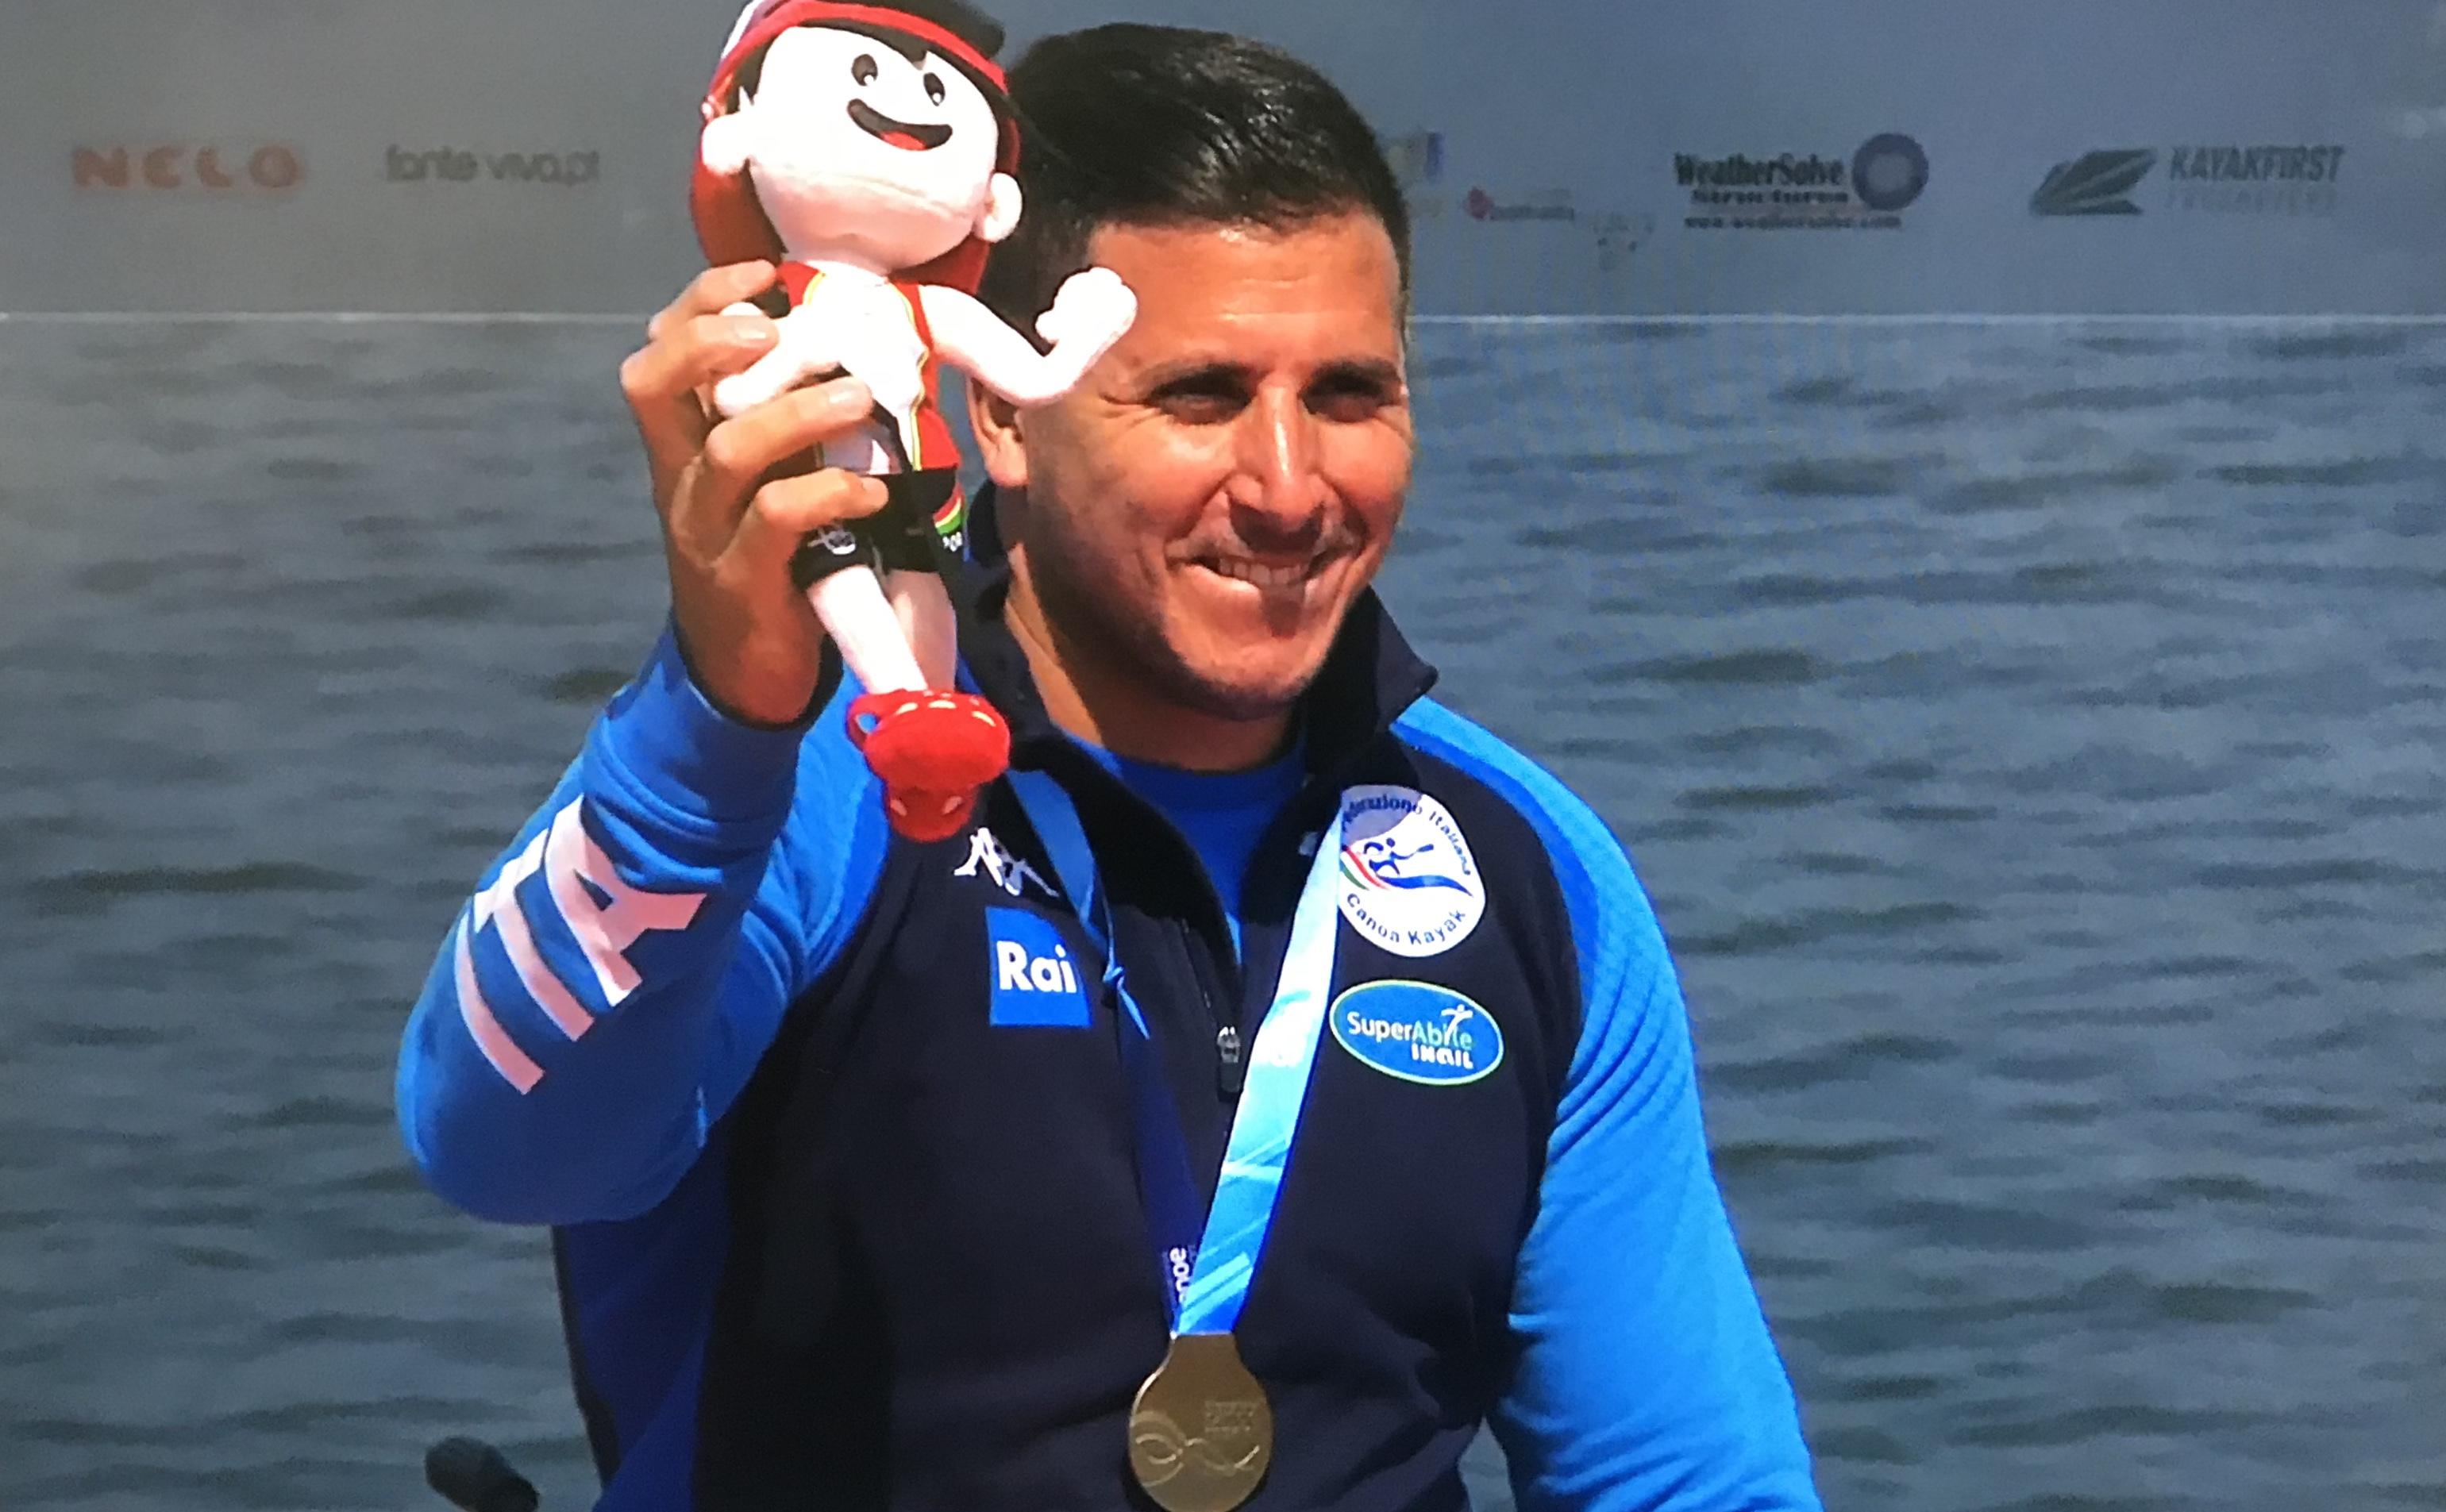 Il campione paralimpico Farias riceverà il premio San Fiorenzo 2018